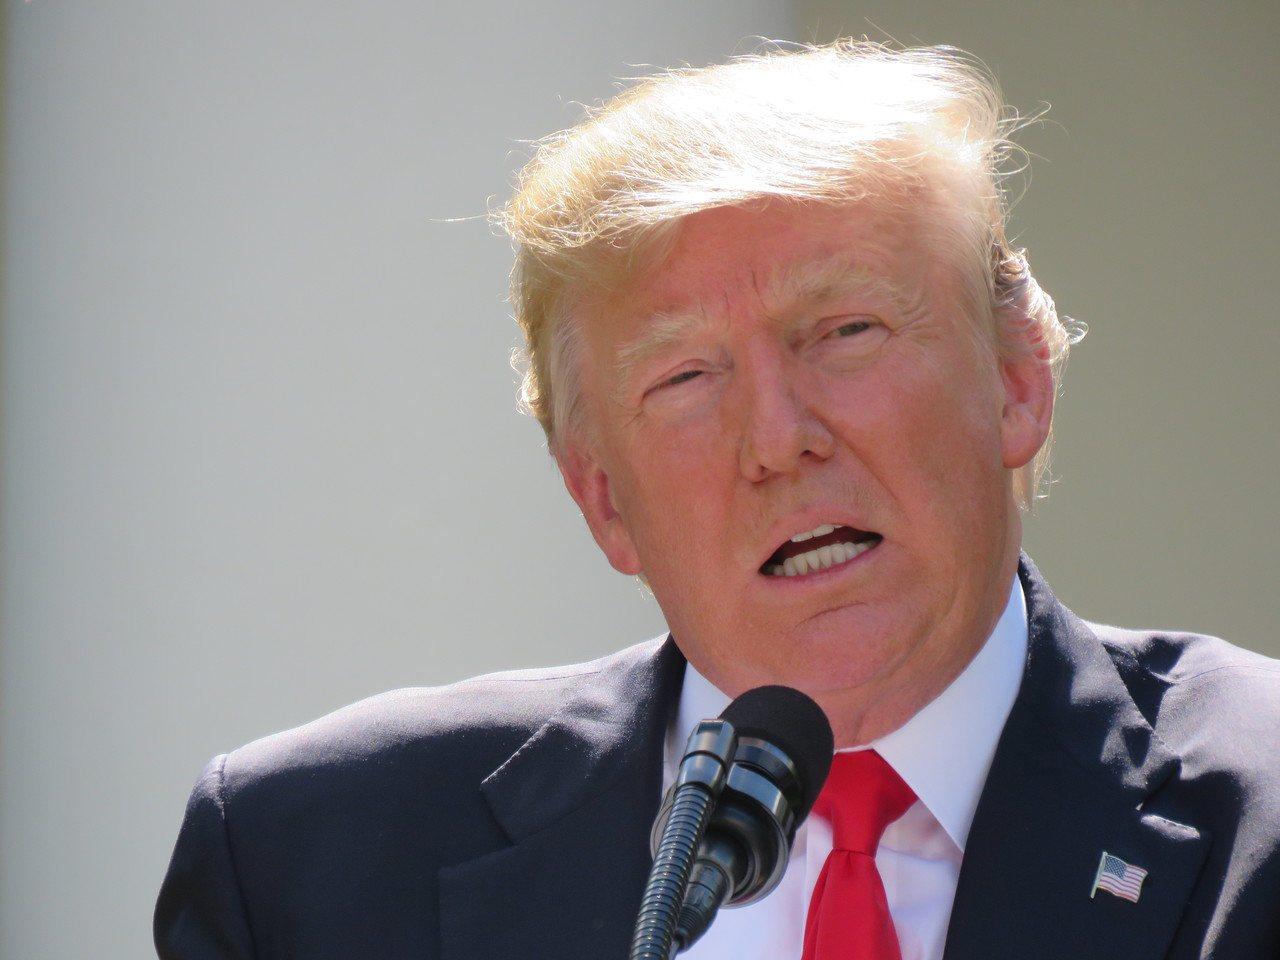 美國總統川普將在11月3日至14日訪問日本、南韓、中國大陸等國家。聯合報系資料照